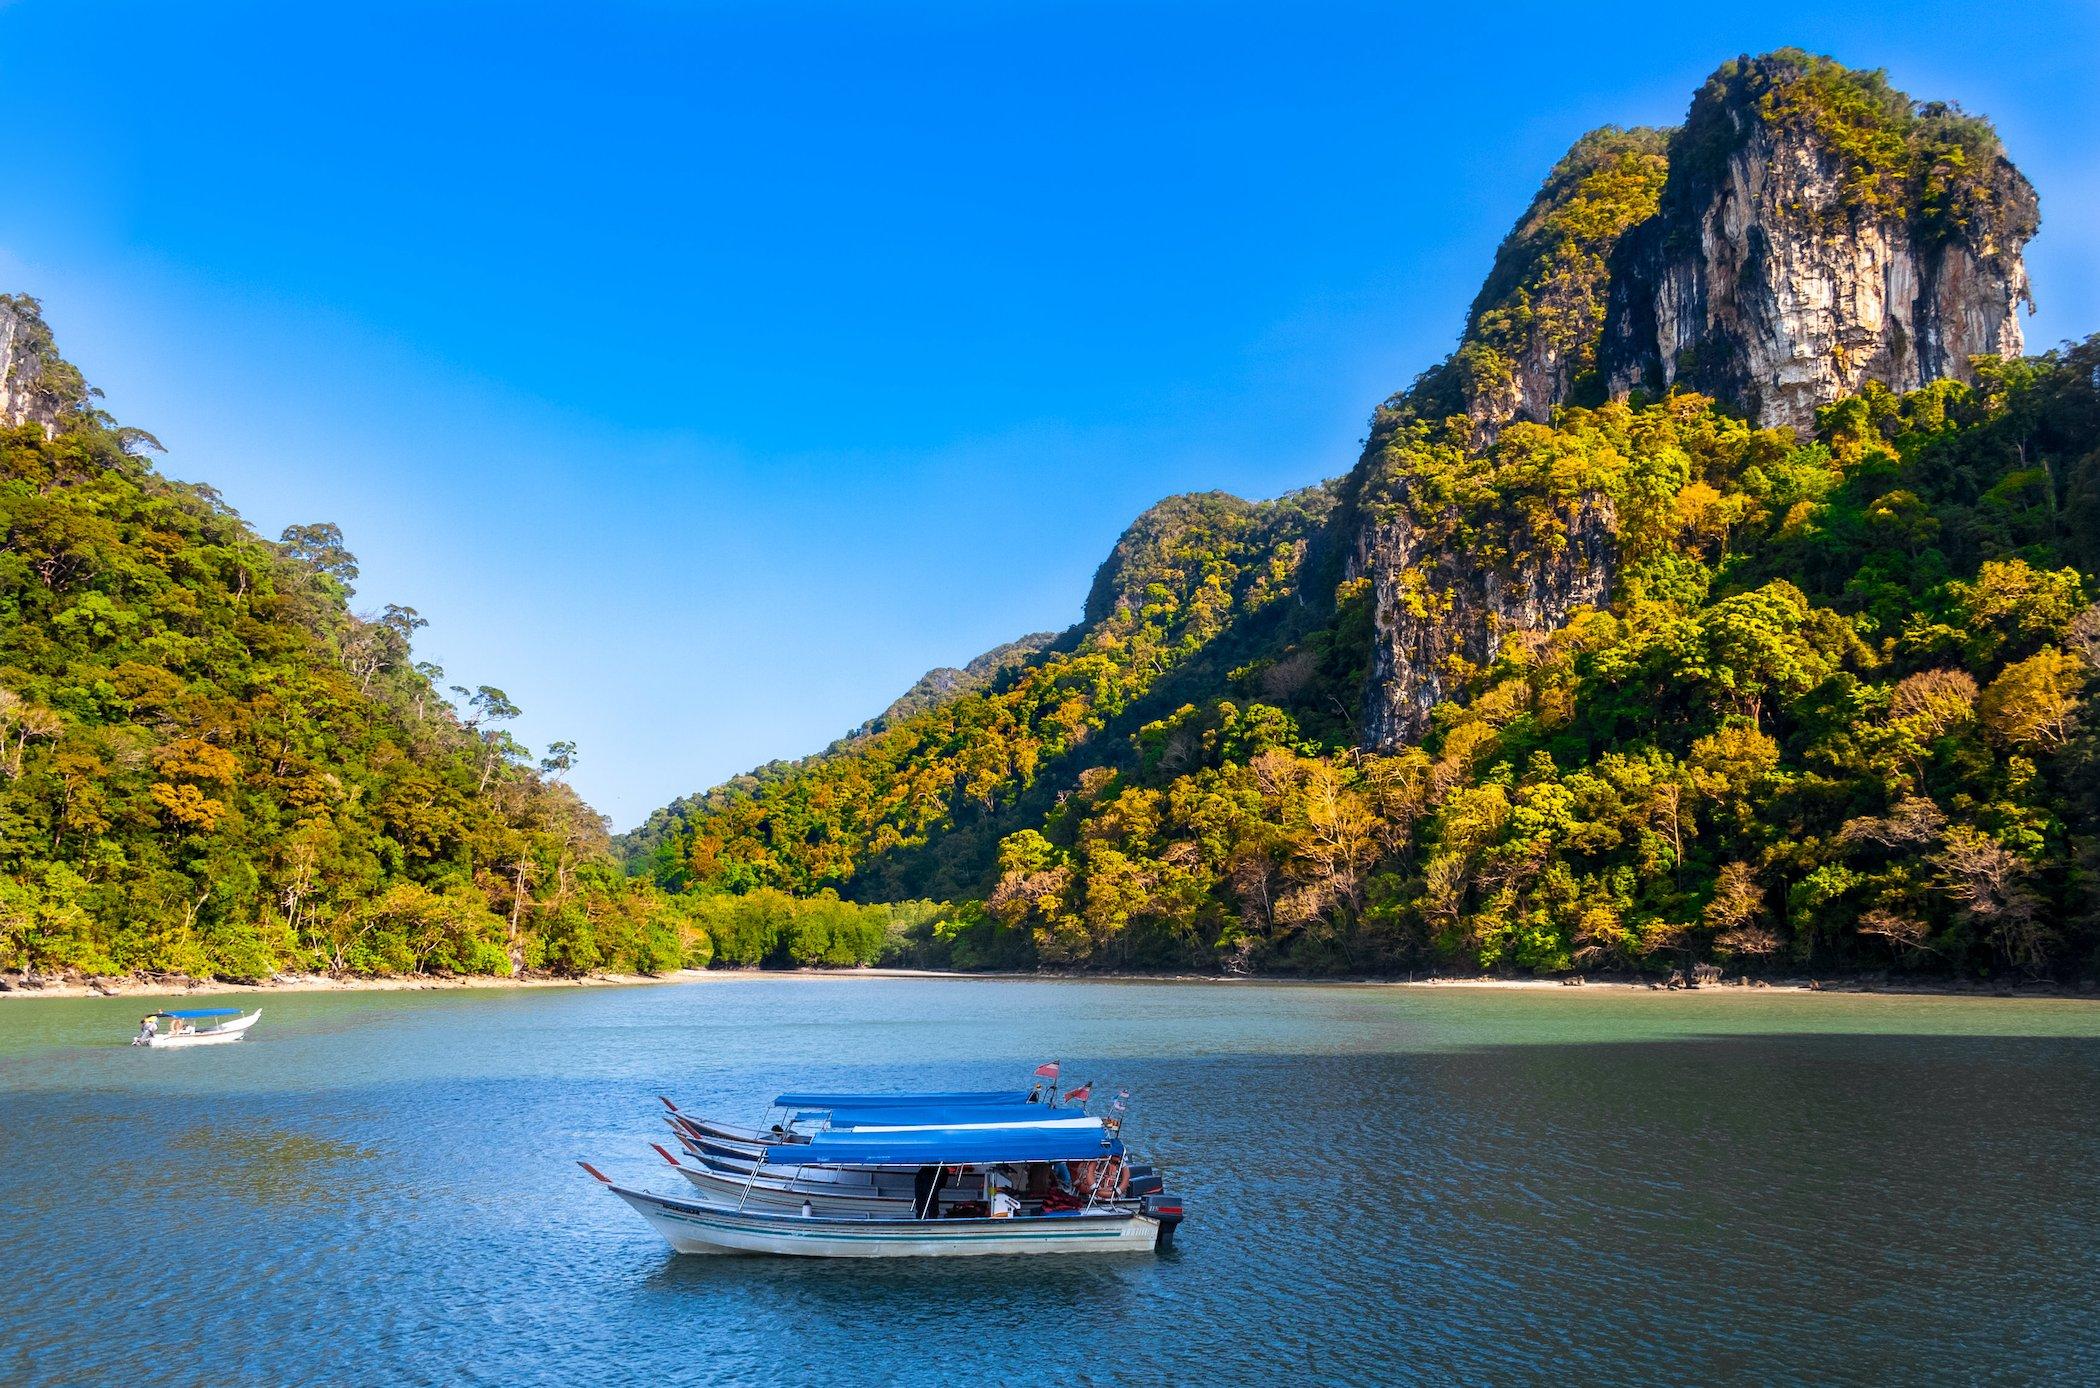 Tourist boat exploring Langkawi geopark